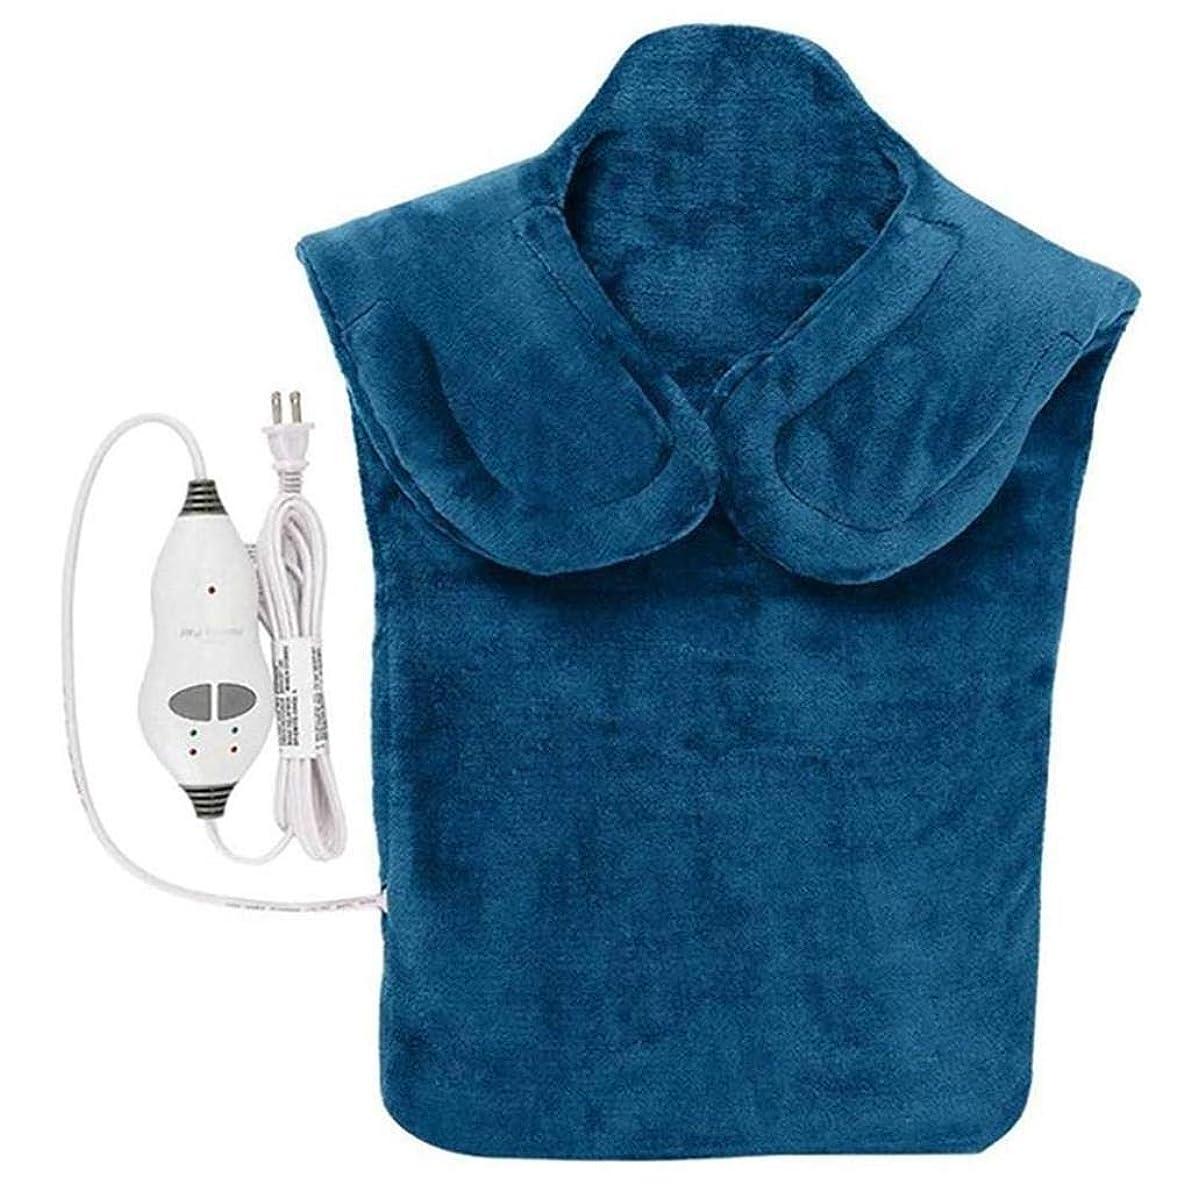 航空会社ガム適用するネックマッサージャー、電気マッサージ器、首暖房パッド、フランネルヘルスケアパッケージ首/肩/戻る血液循環を促進、筋肉の痛みを和らげる、暖かい保つために (Color : 青, Size : One size)